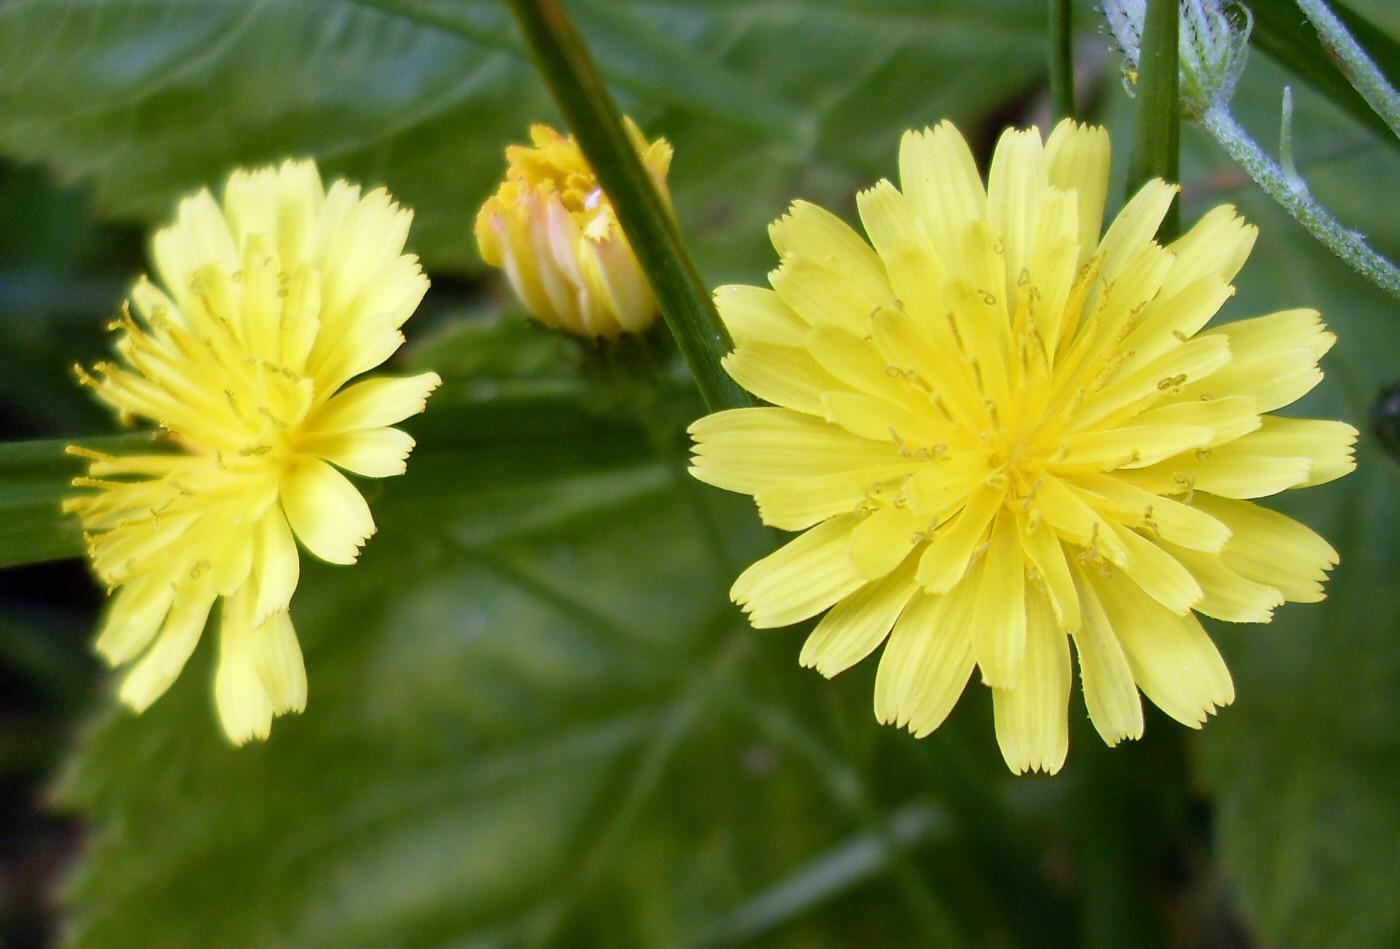 Fleurs jaunes sauvages